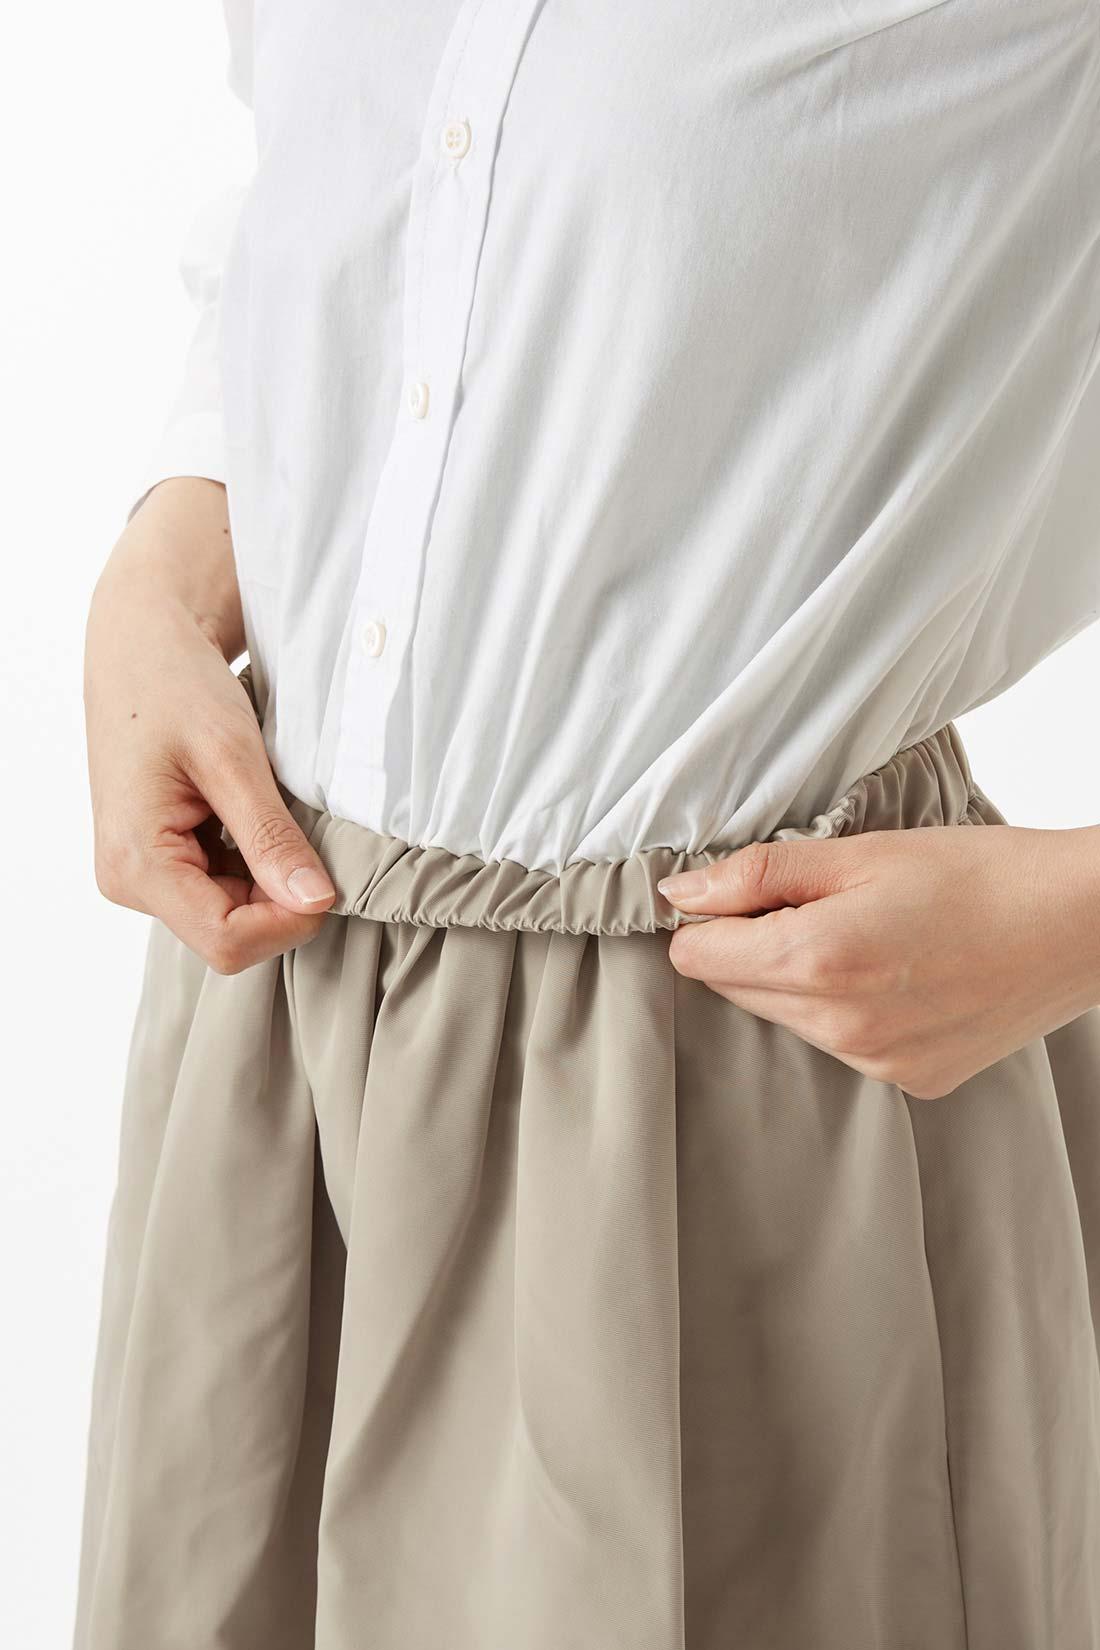 ウエストの奥で縫い付けているためドッキングに見えず、シャツが出ることなくらくちん仕様。